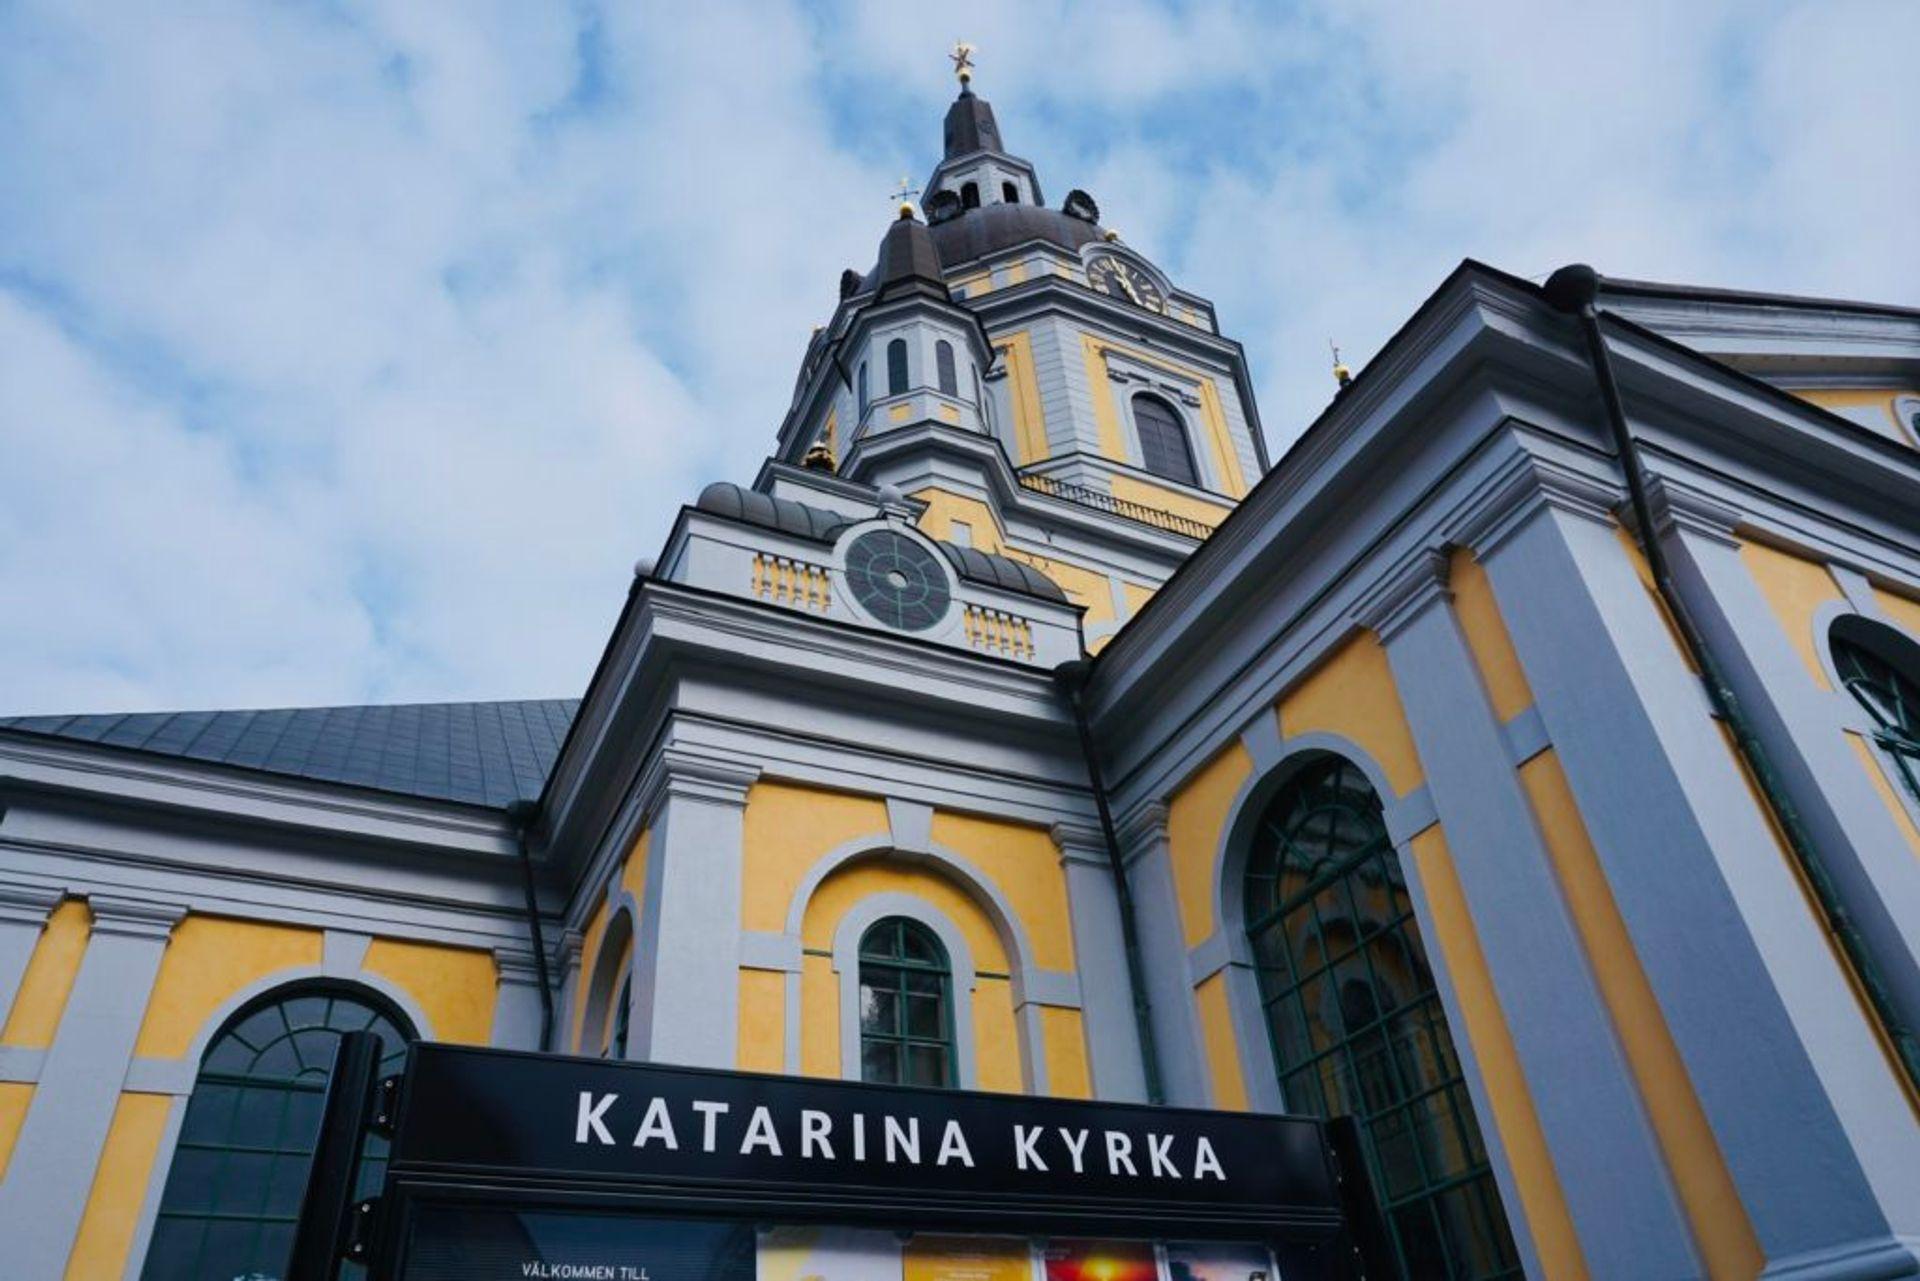 Exterior of a yellow church, sign reads 'Katarina kyrka'.